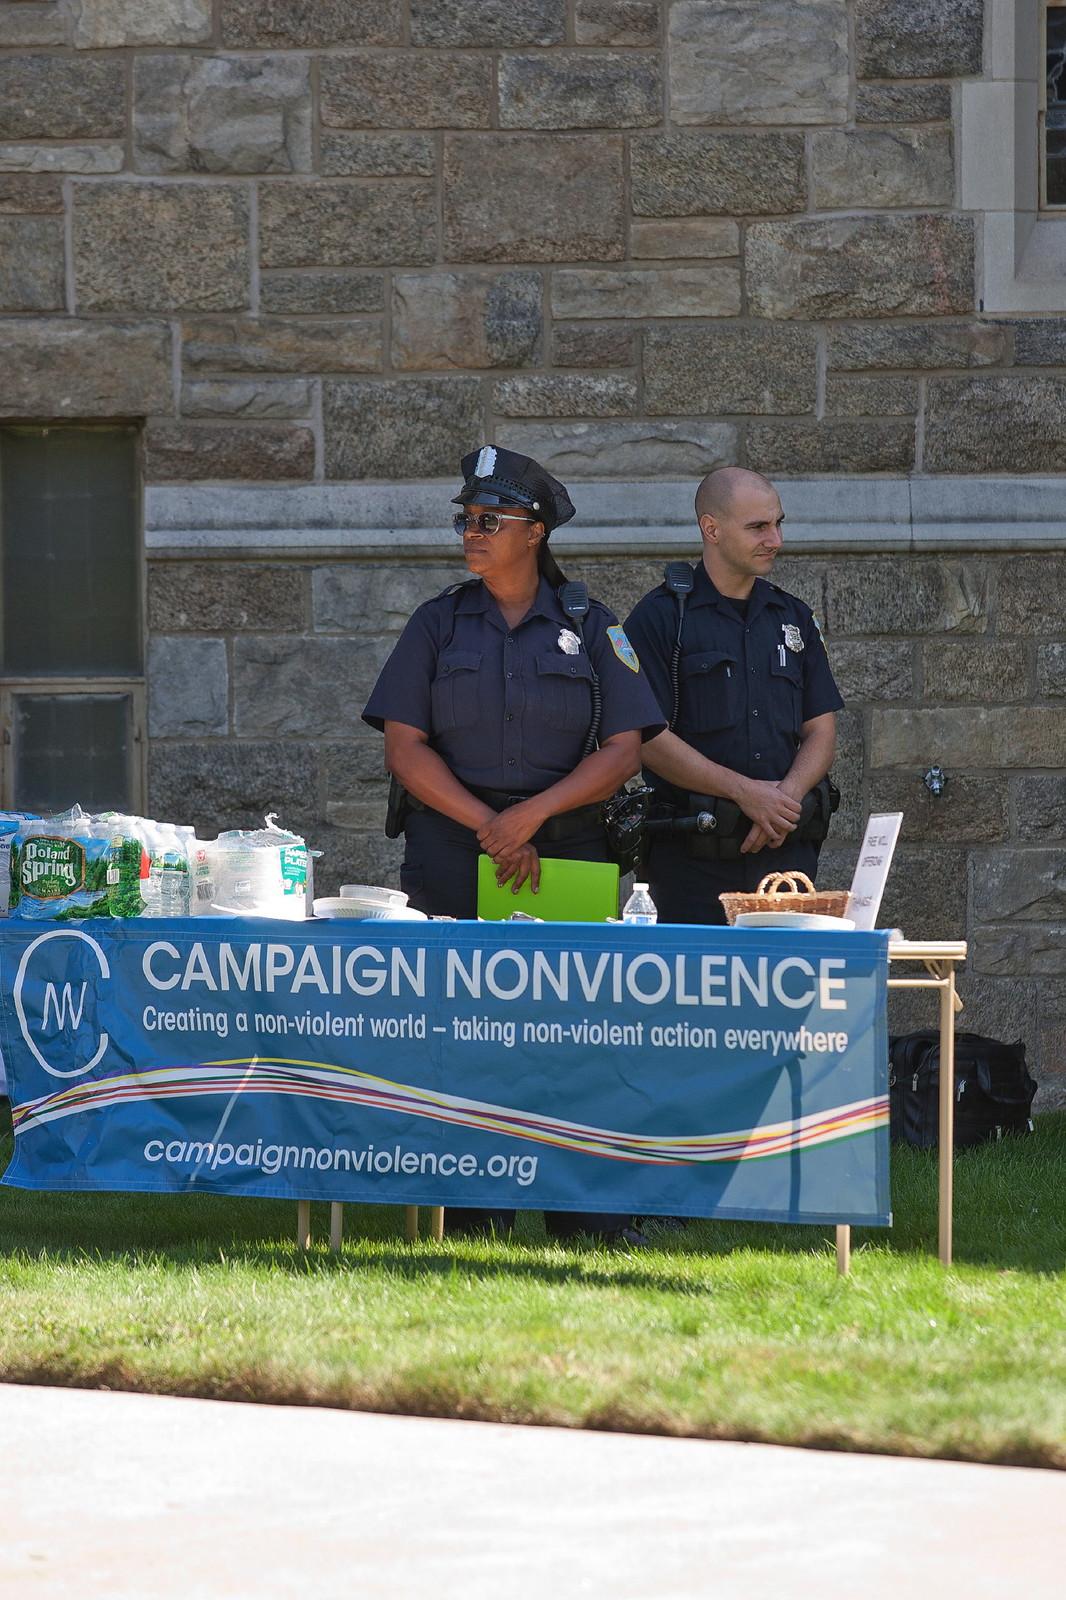 Springfield, MA Walk for Nonviolence - CNV 2016 (6)